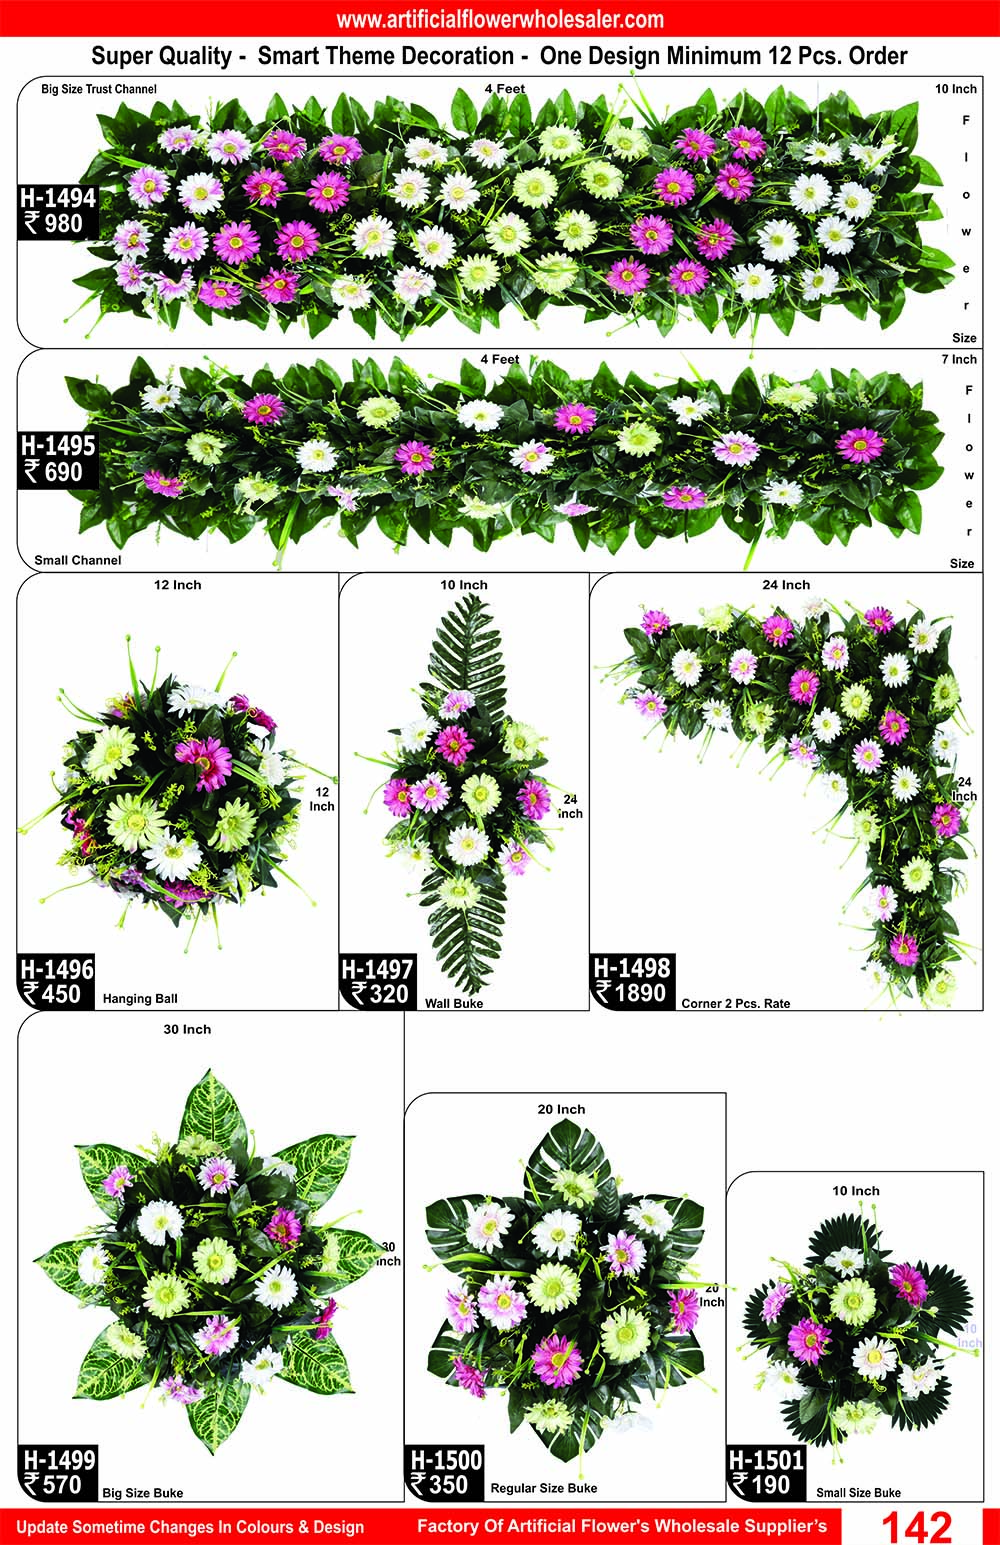 142-artificial-flower-wholesaler